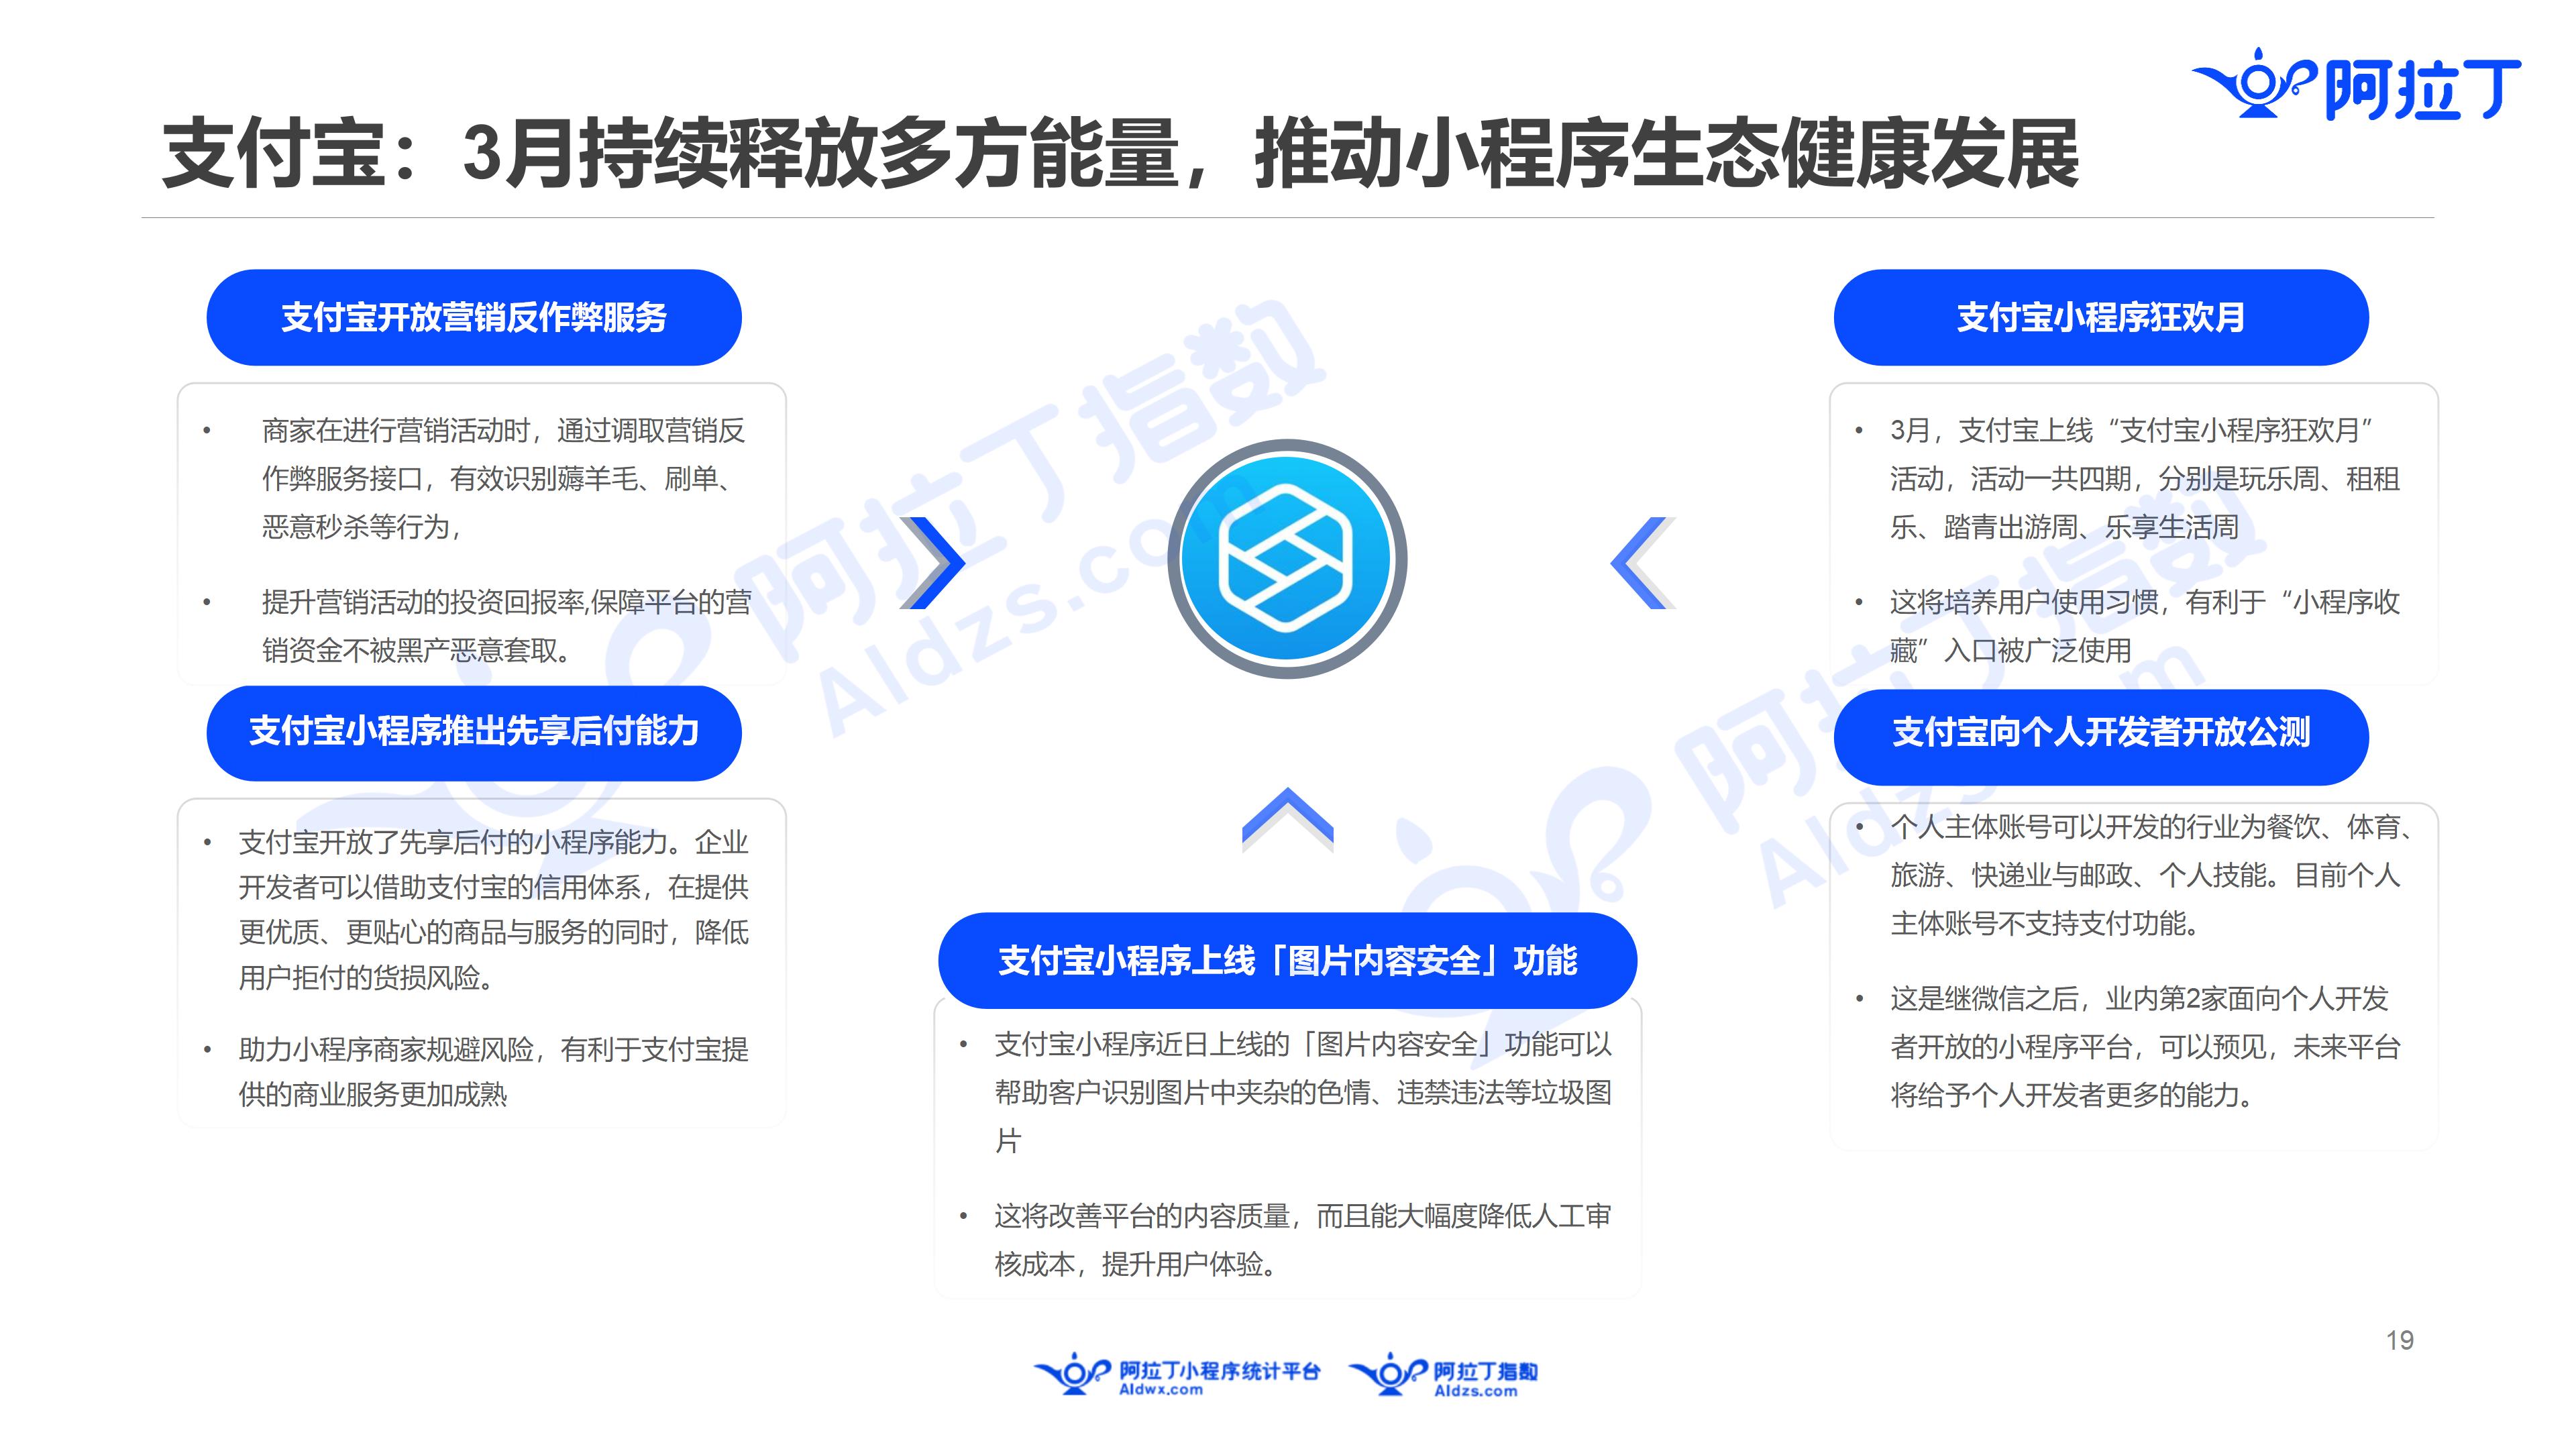 2019年3月中国小程序行业月度报告v5(1)_19.png